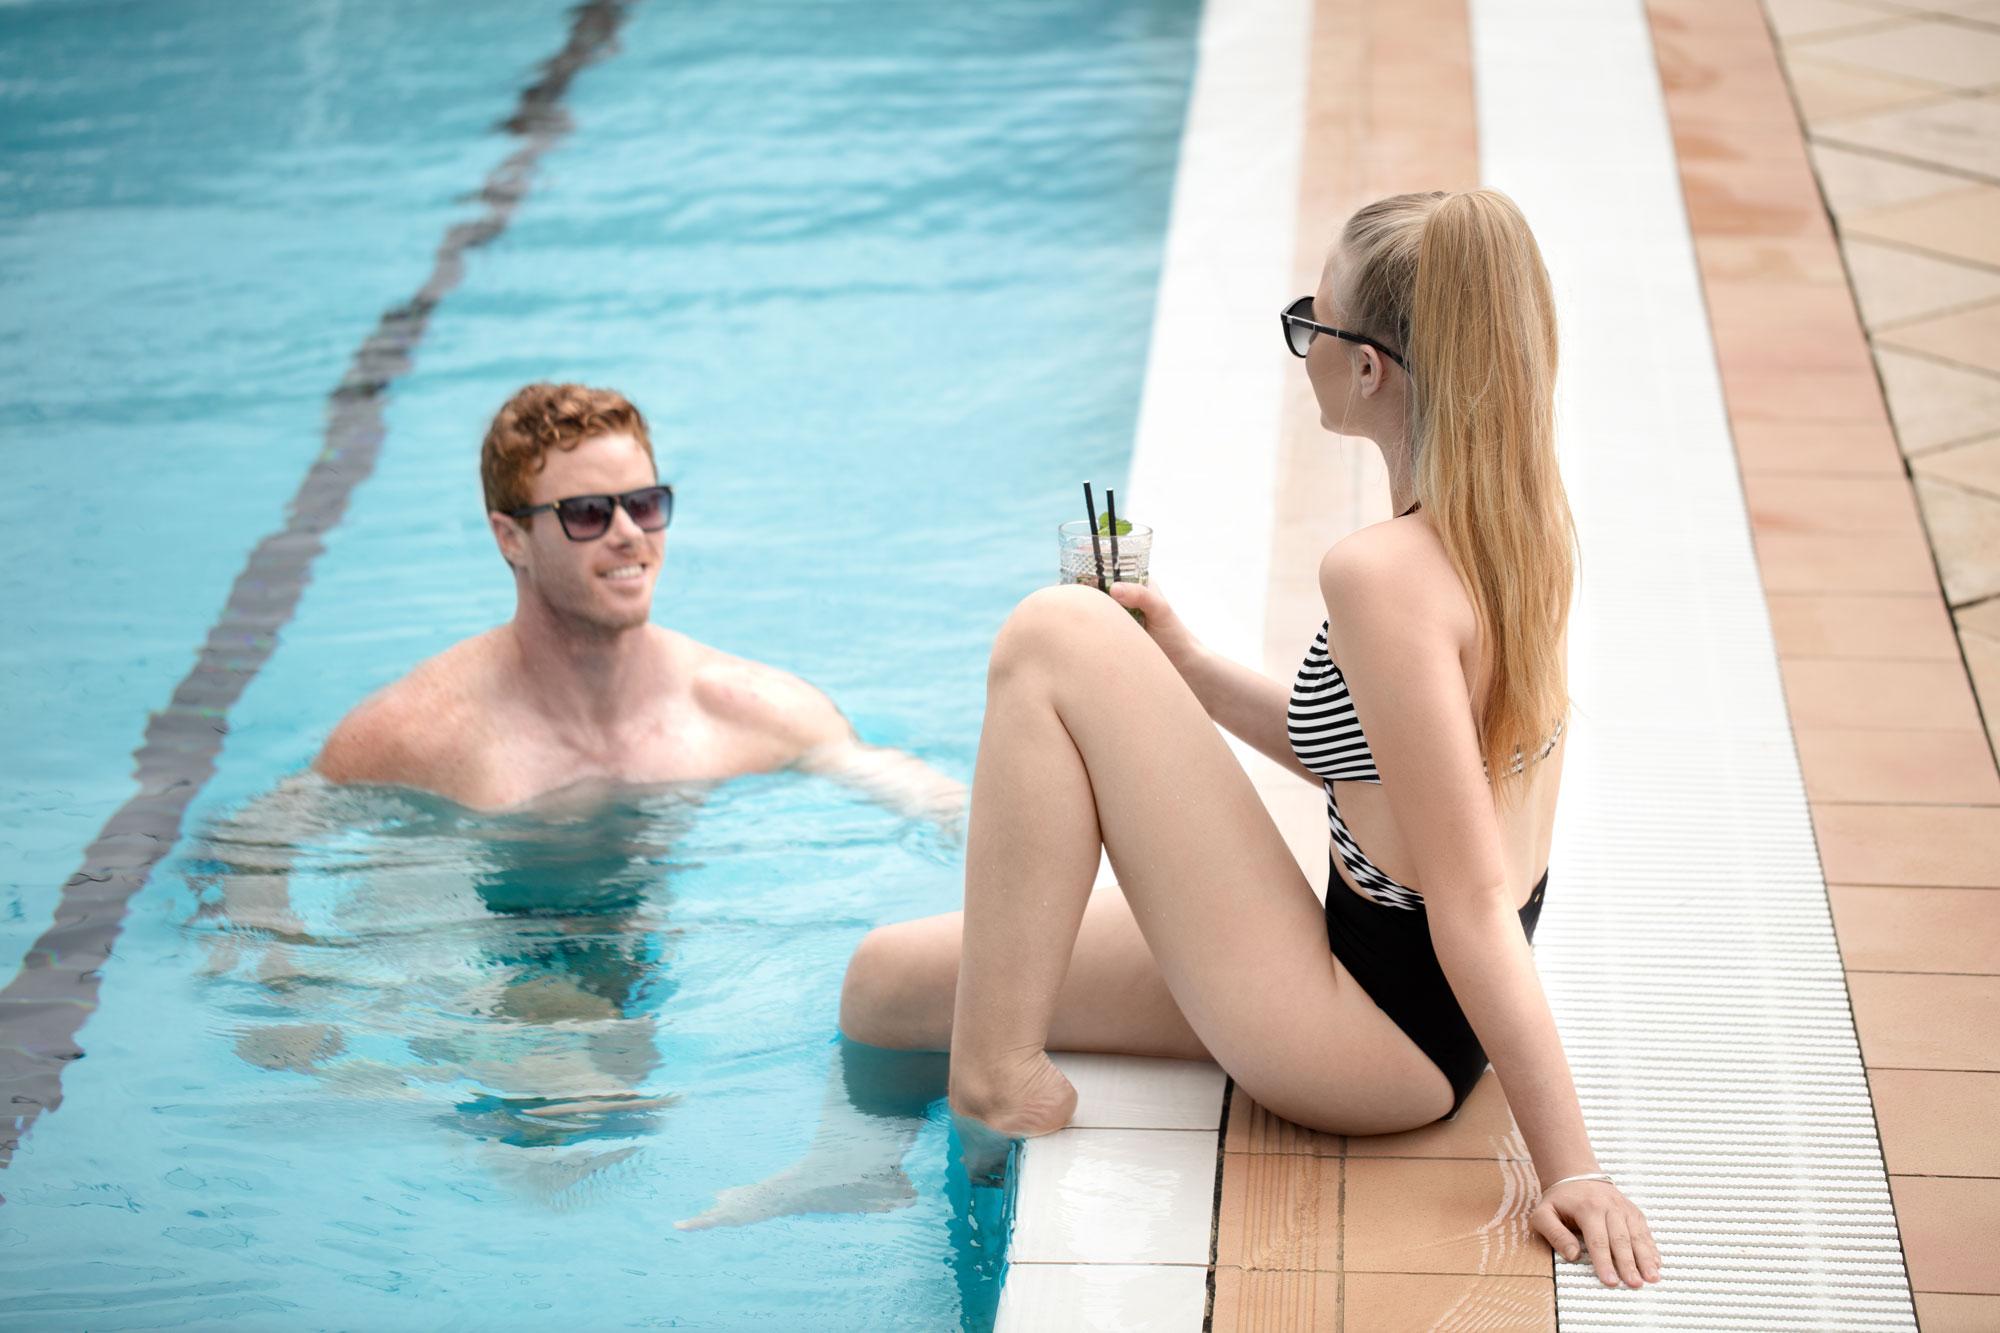 Hotel Sommer Lifestyle Fotografie - Adrian Kilchherr Schweiz Deutschland Weltweit